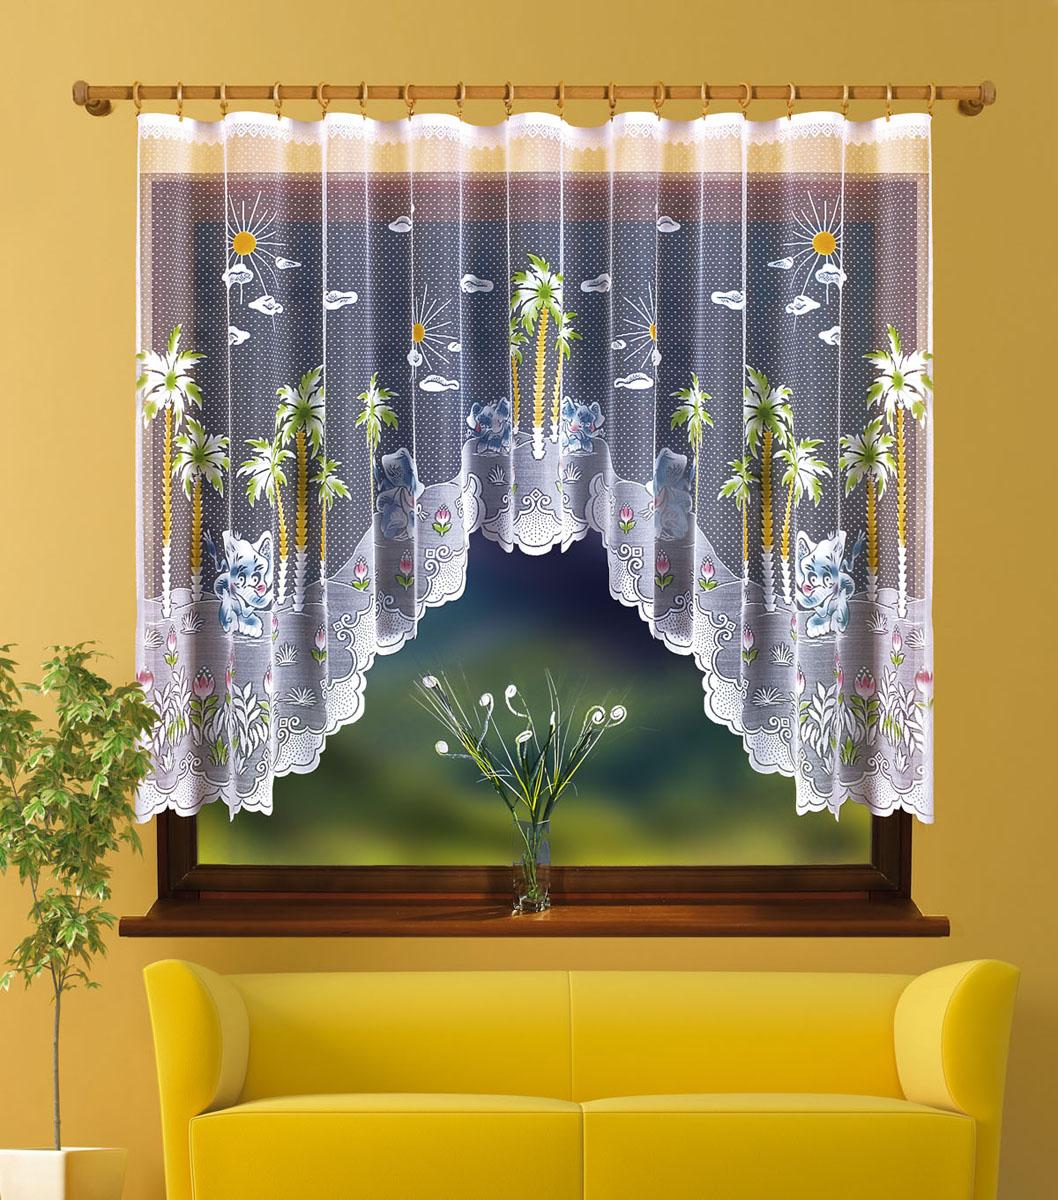 Гардина Wesole Sloniki, на ленте, цвет: белый, высота 150 см713196Оригинальная гардина Wesole Sloniki, изготовленная из полиэстера белого цвета, станет великолепным украшением любого окна. Необычный принт в виде пальм и слоников привлечет к себе внимание и органично впишется в интерьер комнаты. В гардину вшита шторная лента. Характеристики: Материал: 100% полиэстер. Цвет: белый. Размер упаковки: 35 см х 26 см х 3 см. Артикул: 713196. В комплект входит: Гардина - 1 шт. Размер (Ш х В): 300 см х 150 см. Фирма Wisan на польском рынке существует уже более пятидесяти лет и является одной из лучших польских фабрик по производству штор и тканей. Ассортимент фирмы представлен готовыми комплектами штор для гостиной, детской, кухни, а также текстилем для кухни (скатерти, салфетки, дорожки, кухонные занавески). Модельный ряд отличает оригинальный дизайн, высокое качество. Ассортимент продукции постоянно пополняется.